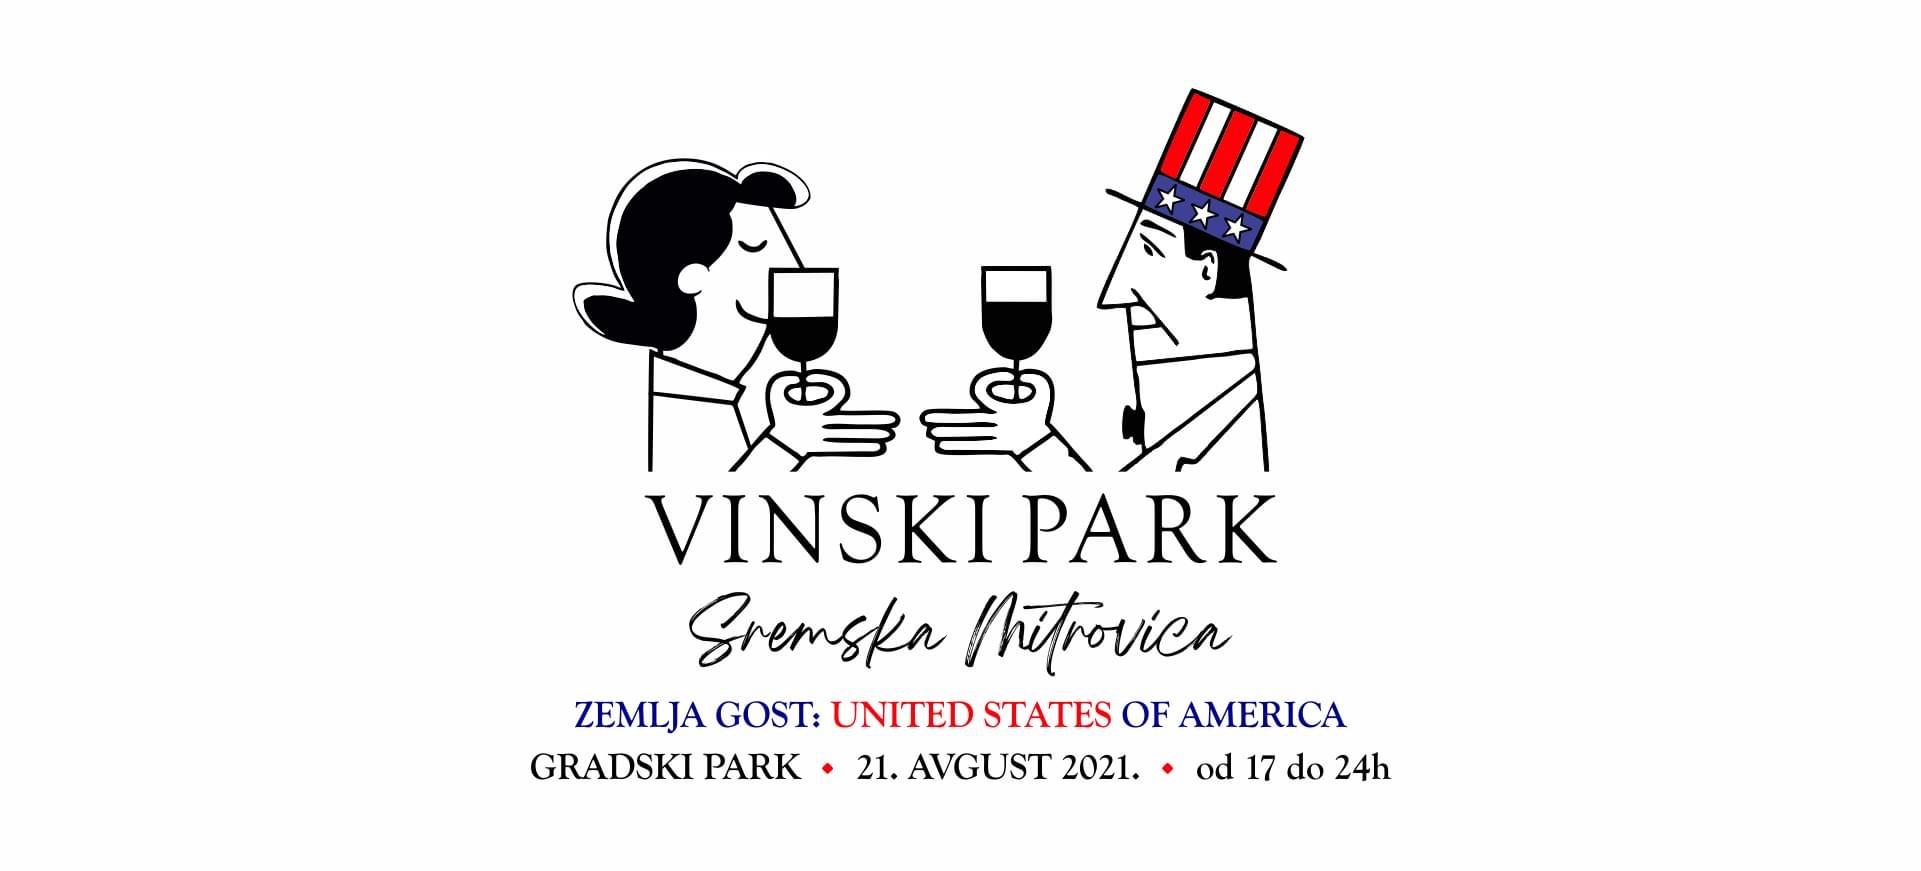 Subota 21. avgust od 17h vinski park